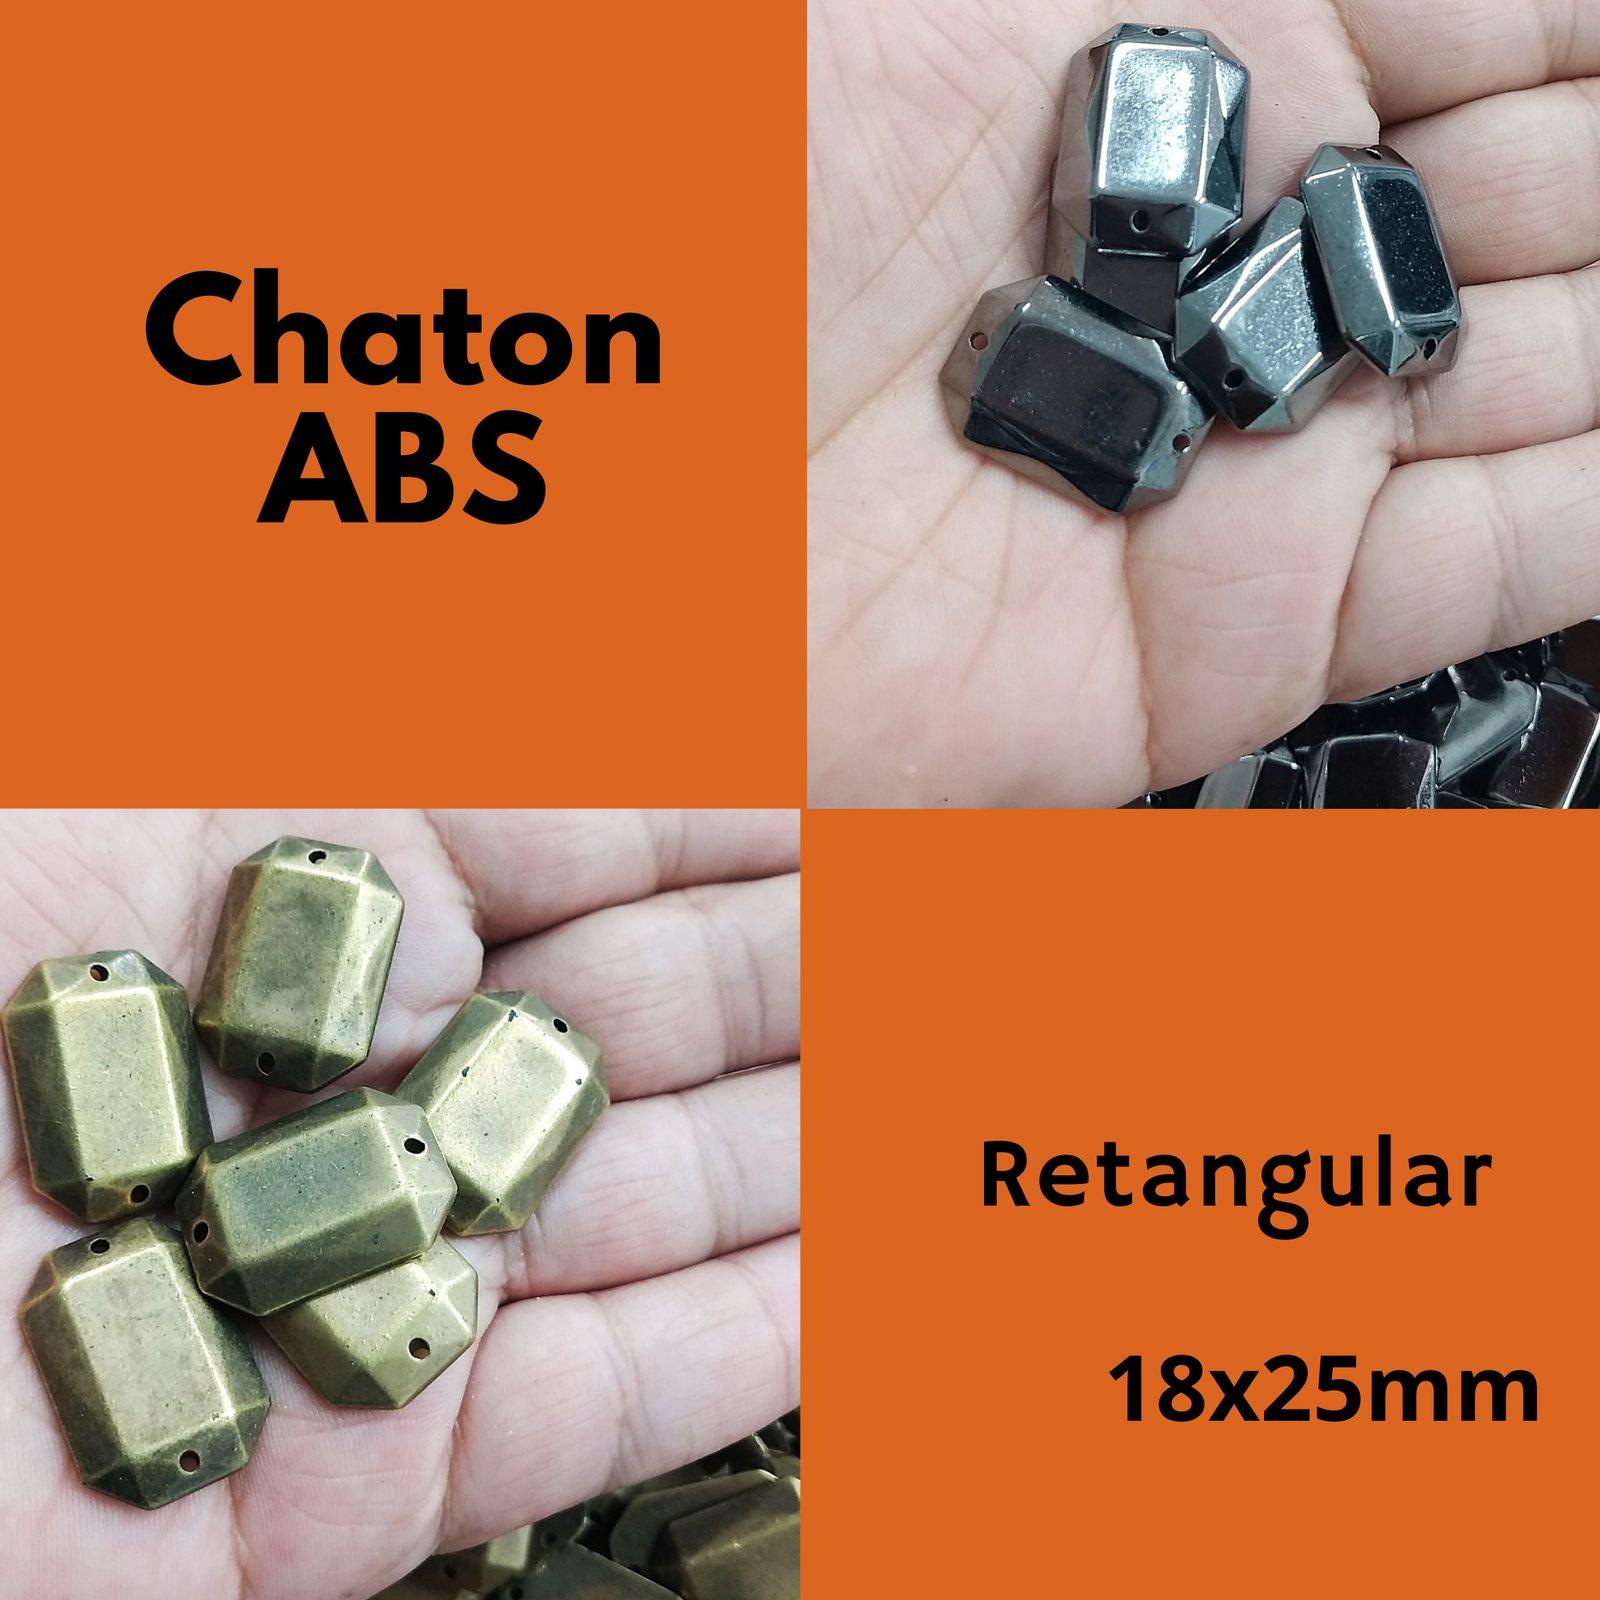 Chaton ABS  Retangular 18x25mm C/250g